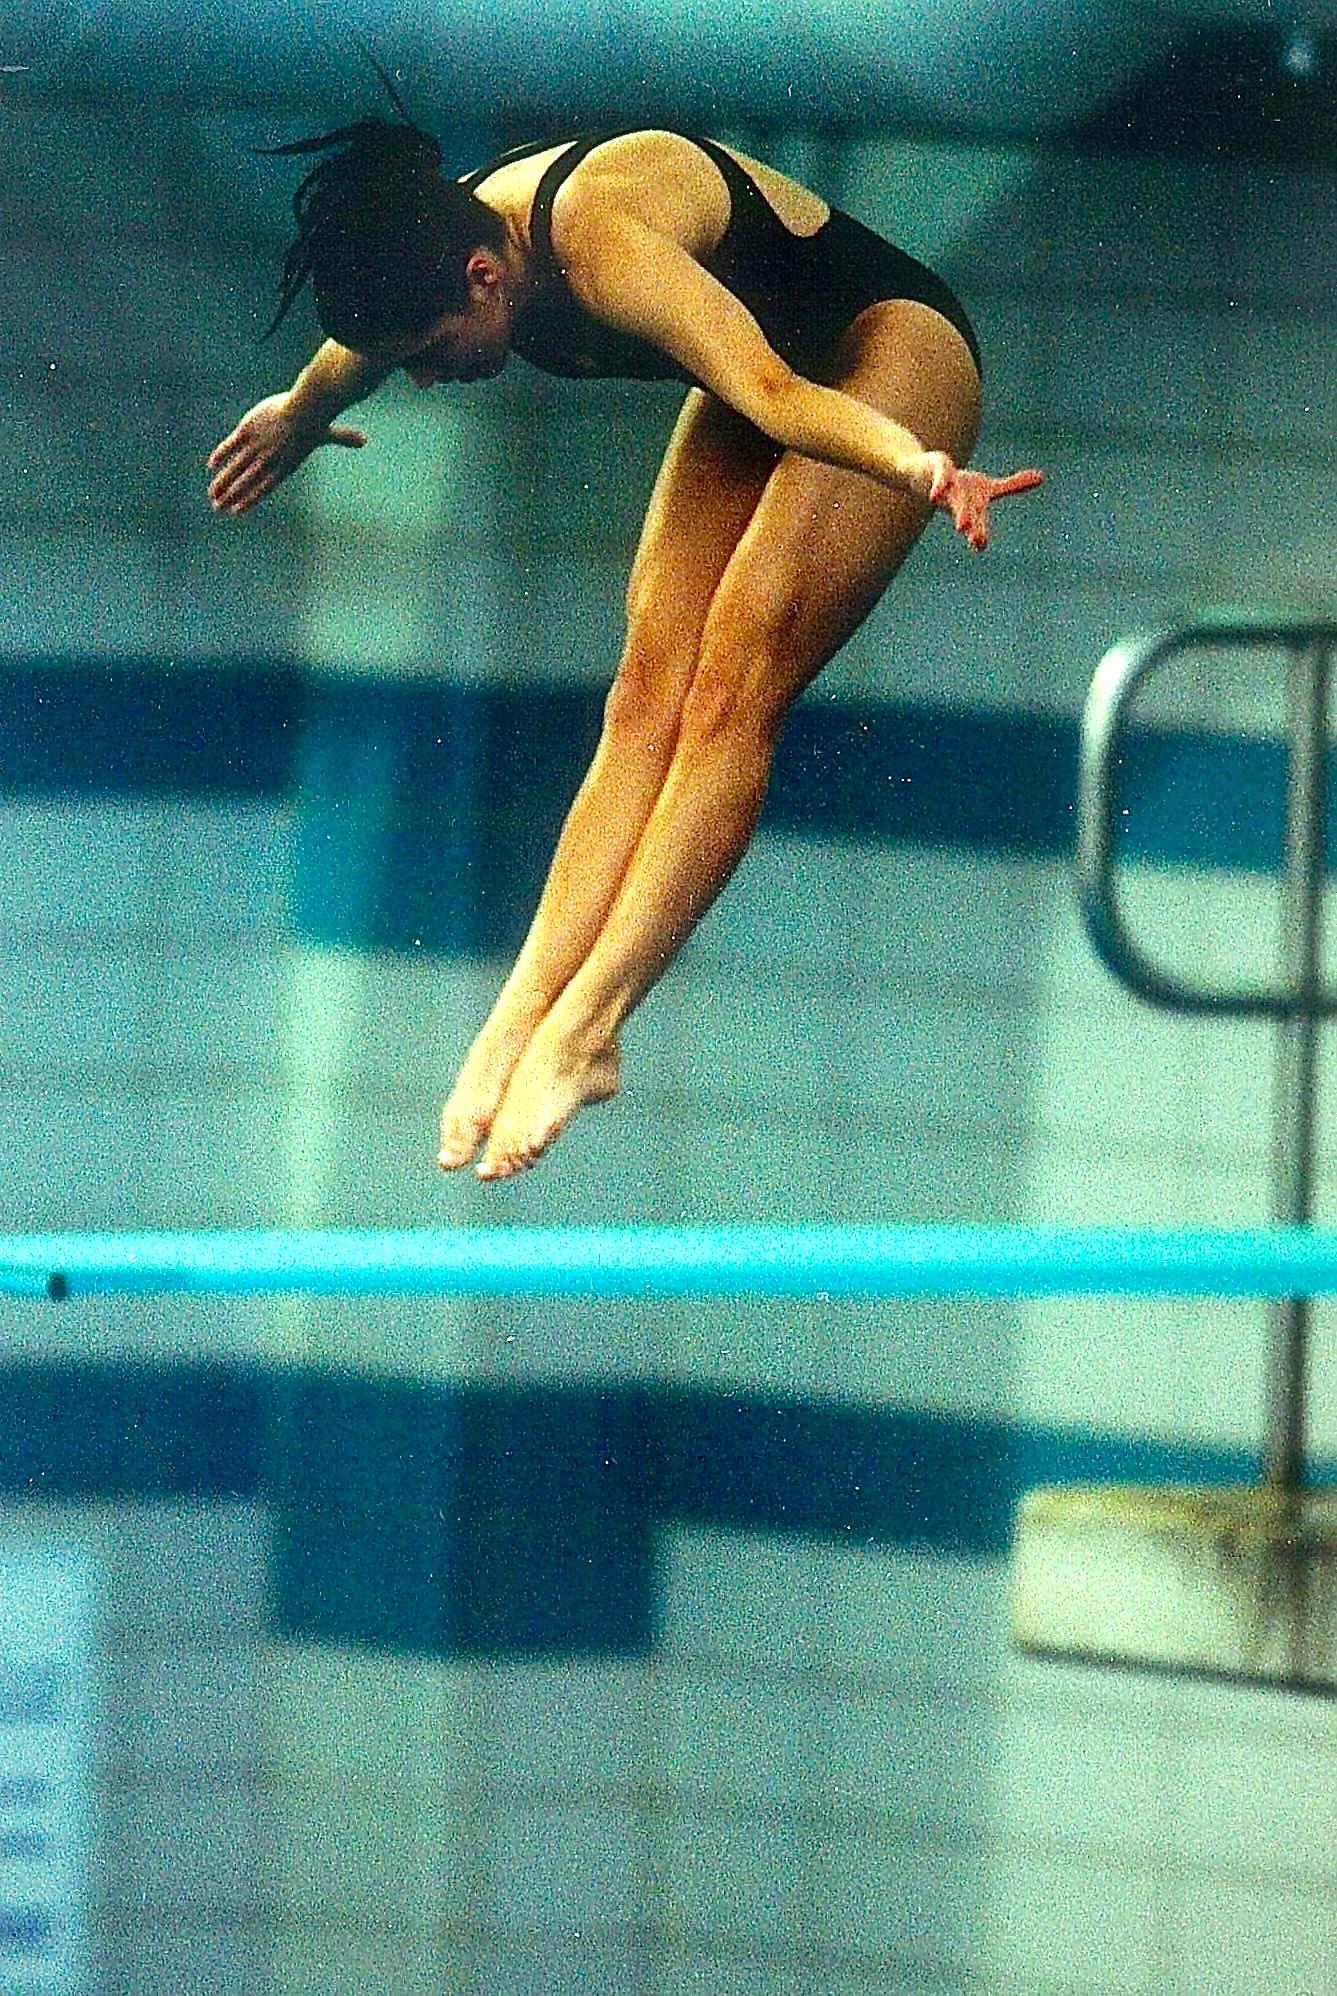 Heather Preusser Front 1 1_2 Somersault Pike on 3 Meter